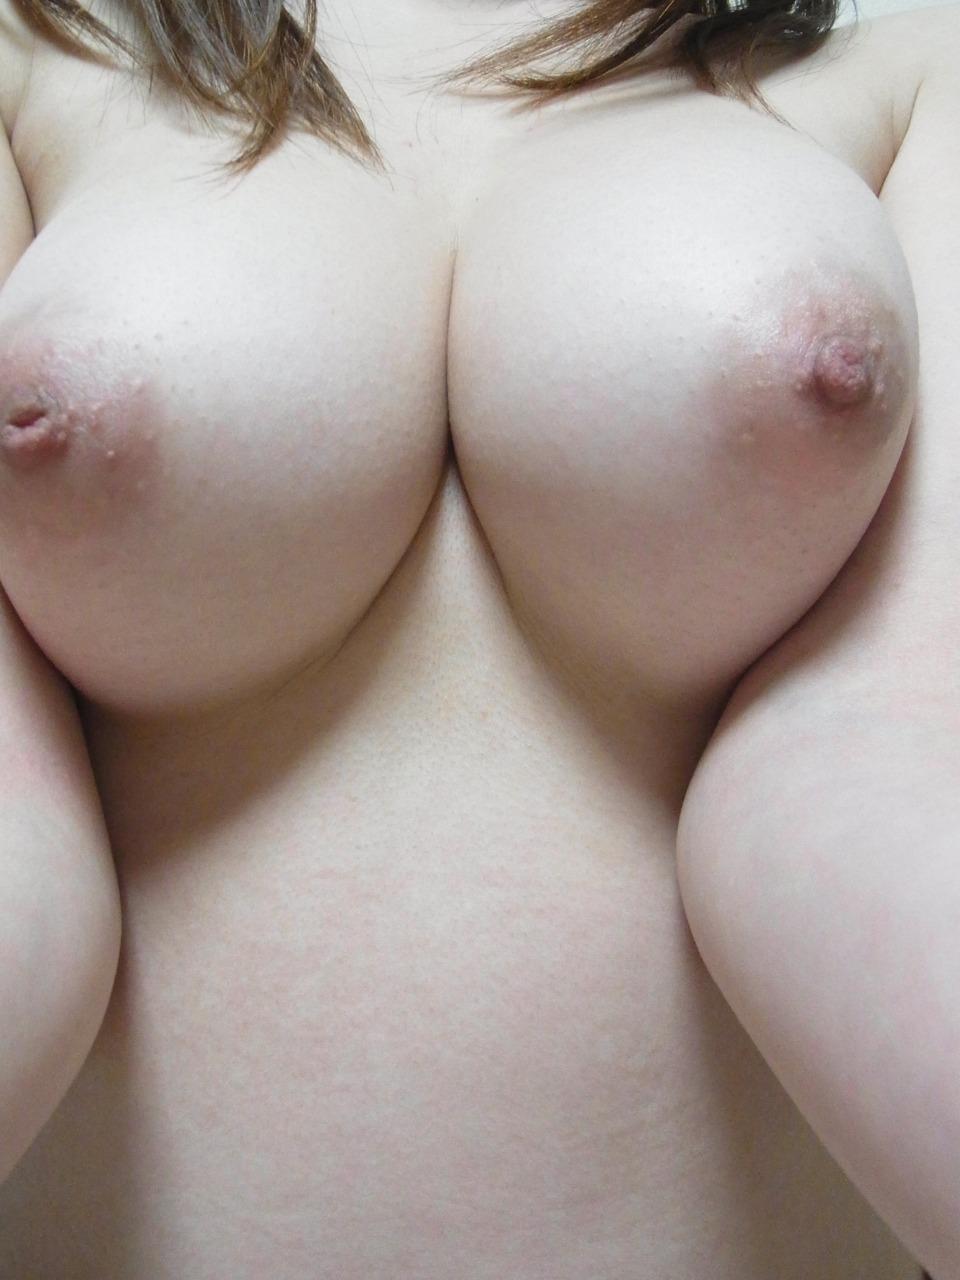 【自撮りエロ画像】探せばすぐ見つかる個々の理想w形は色々な女神たちの美乳(*´Д`)